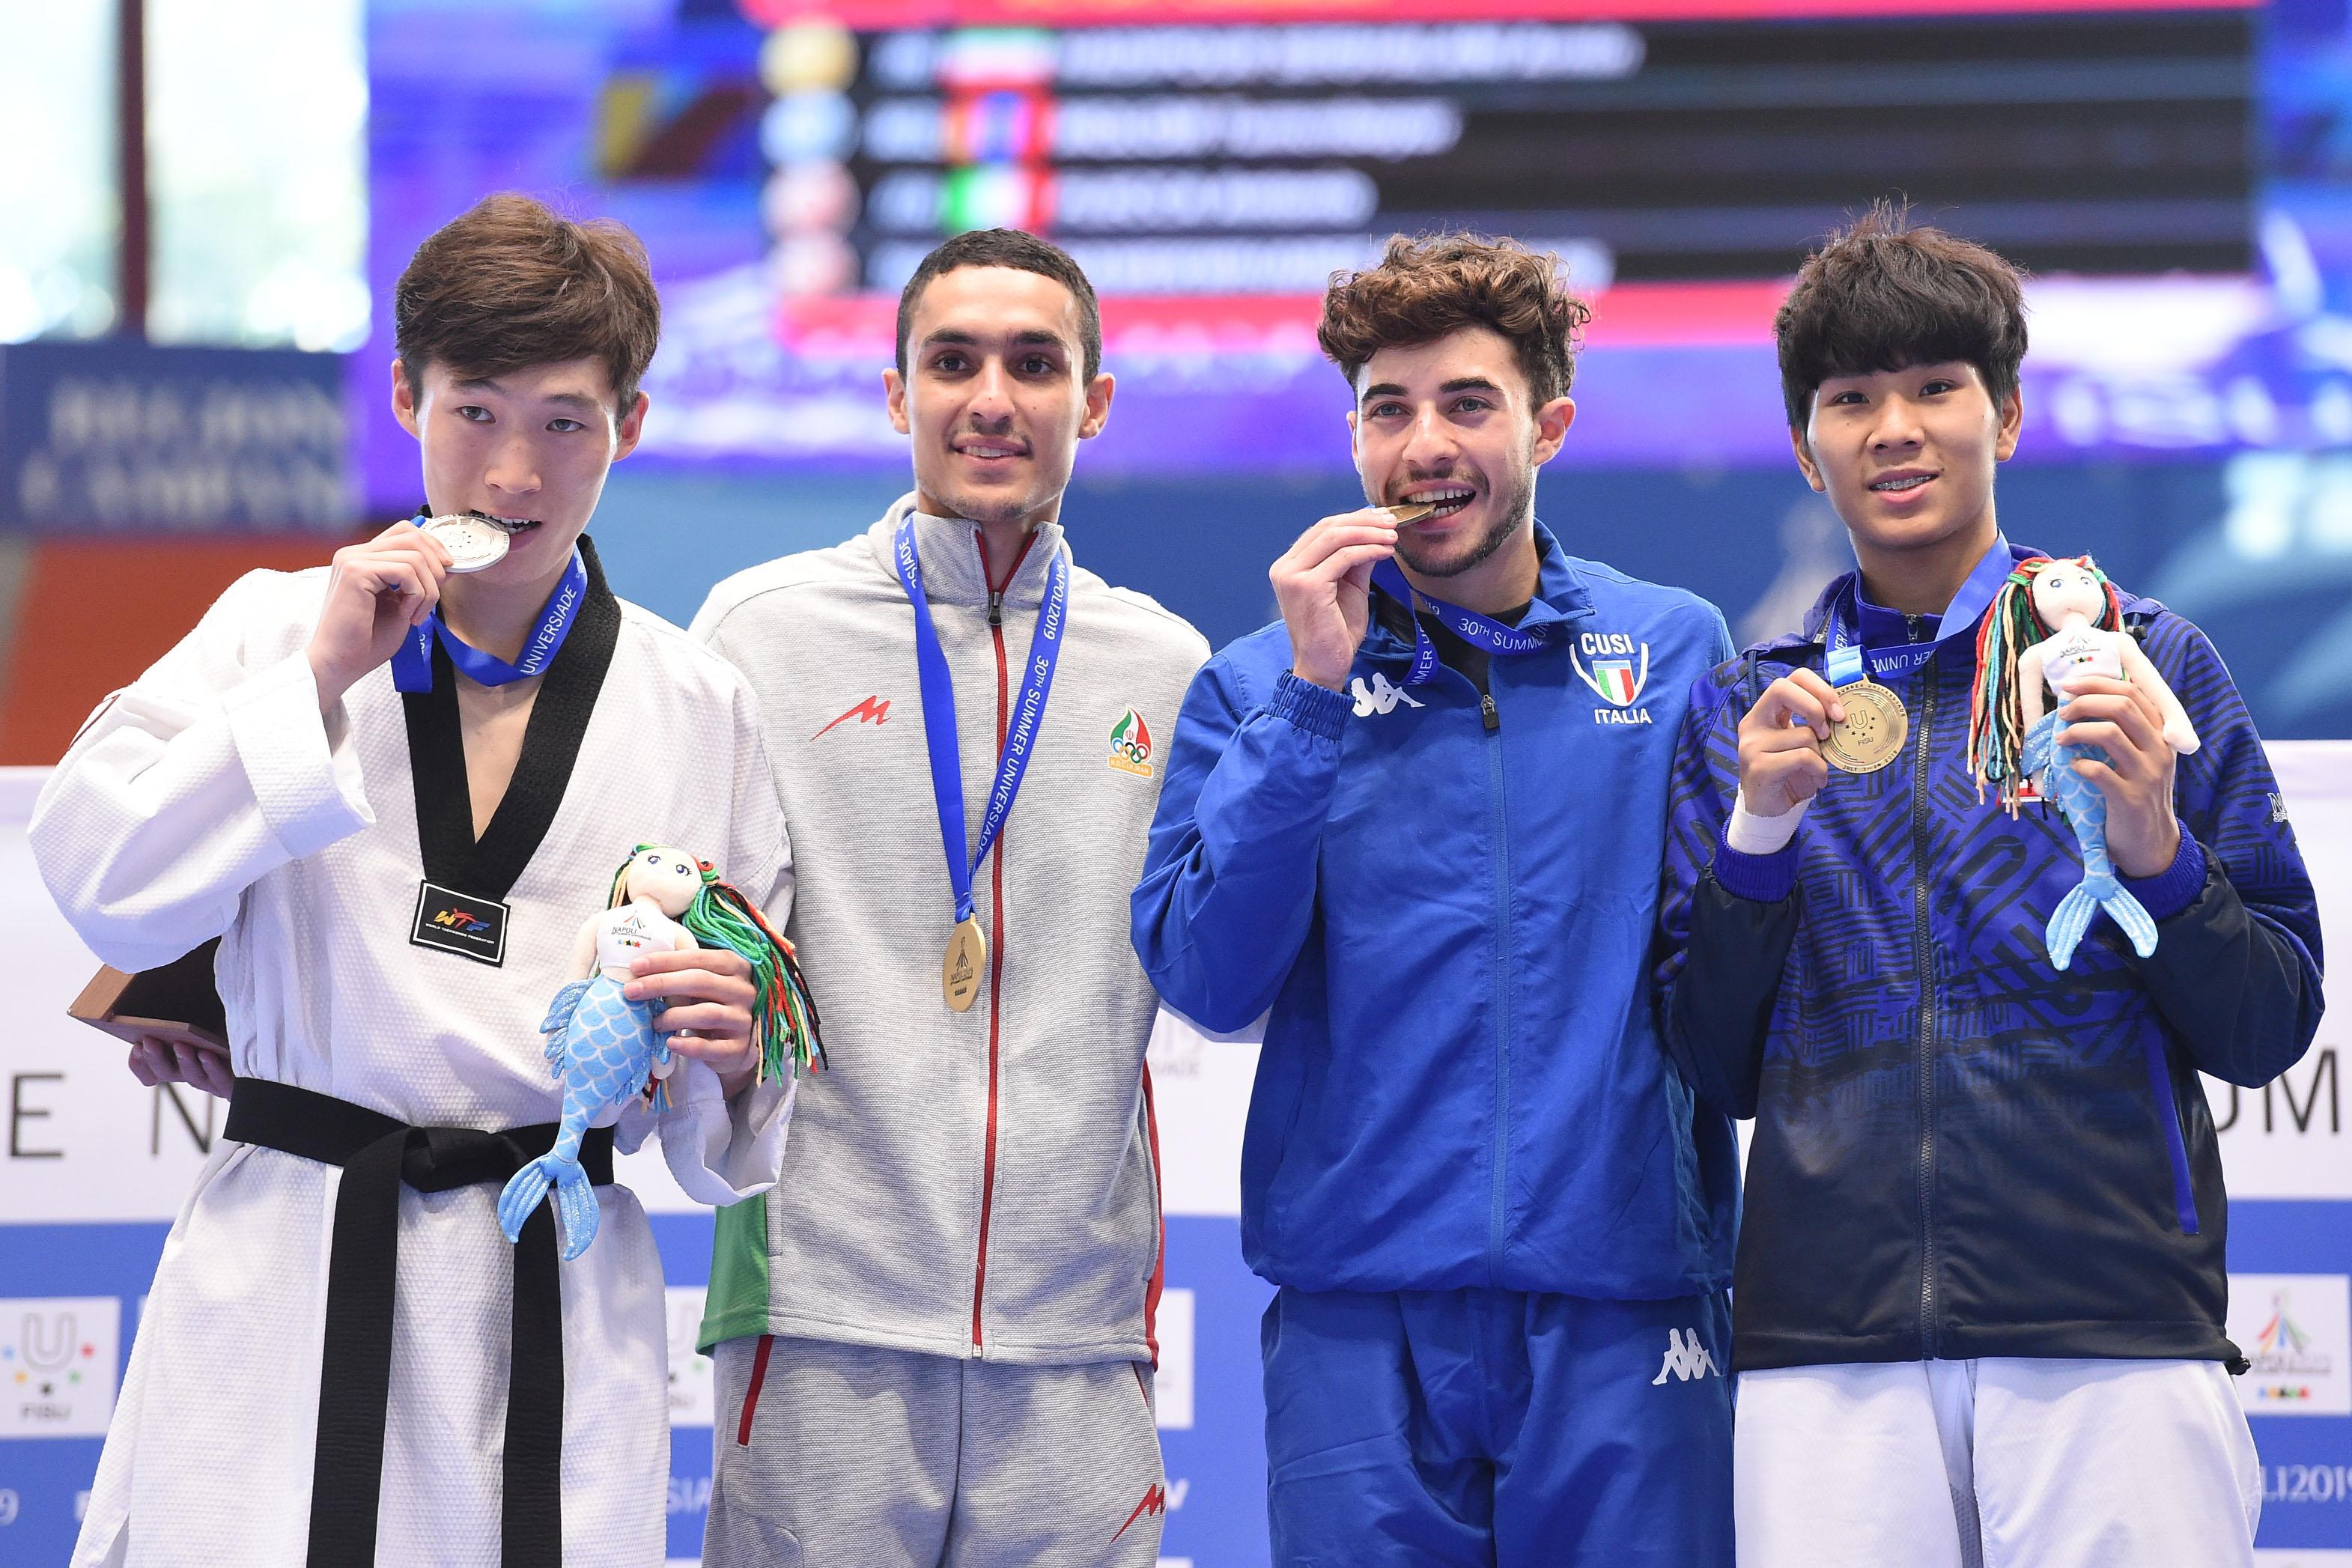 Taekwondo - 10-07-2019 Premiazioni men 58kg FLECCA ANTONIO MEDAGLIA DI BRONZO